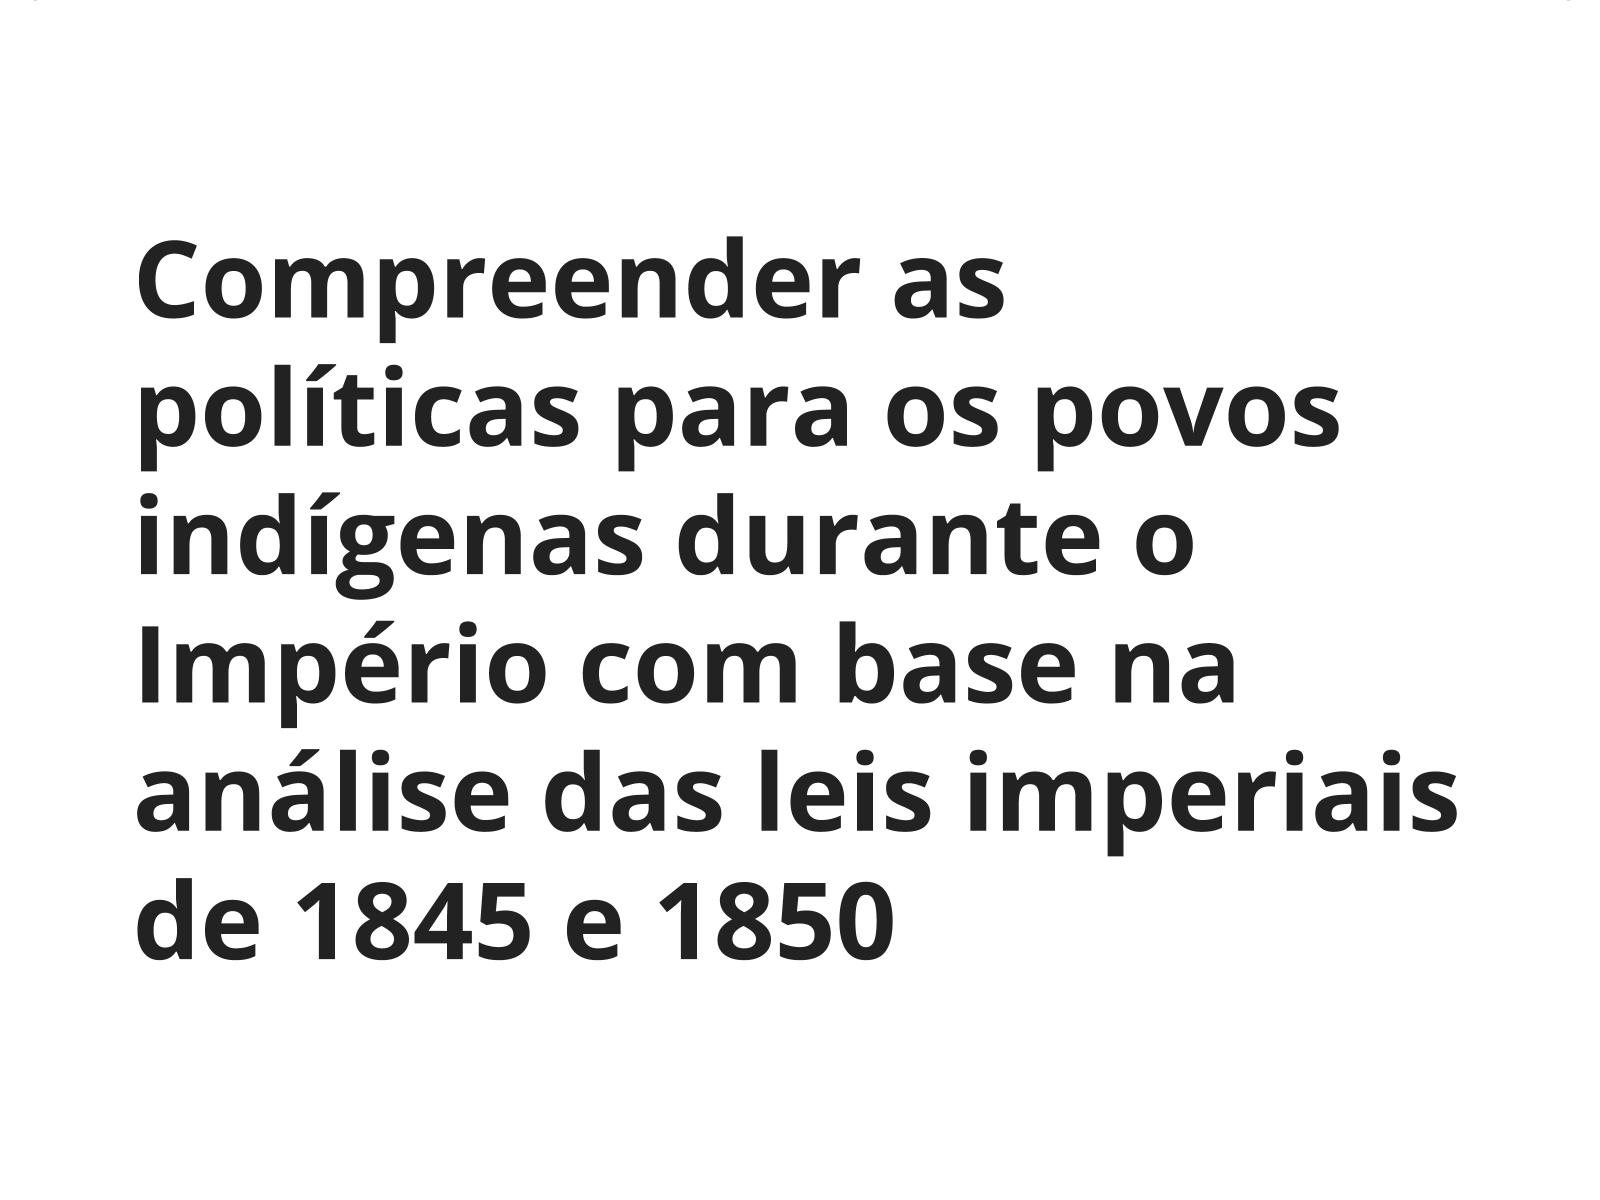 Políticas dirigidas aos indígenas no Império: as leis durante o período imperial